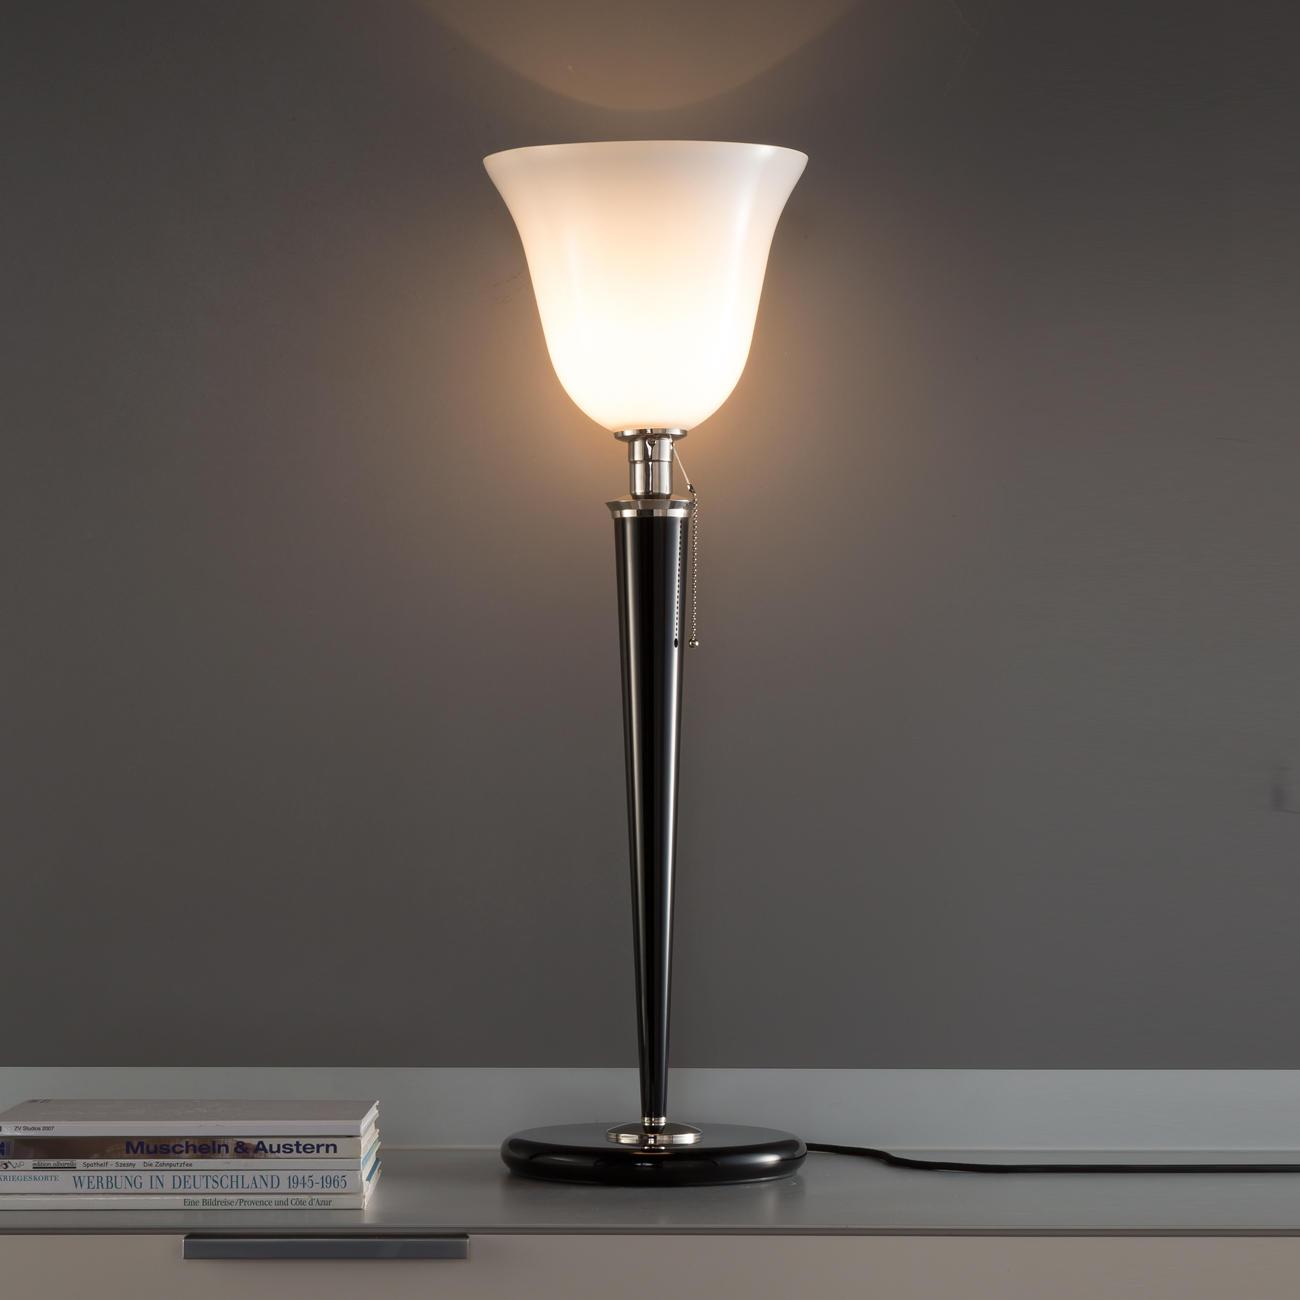 wofi led lampe preisvergleich die besten angebote online kaufen. Black Bedroom Furniture Sets. Home Design Ideas